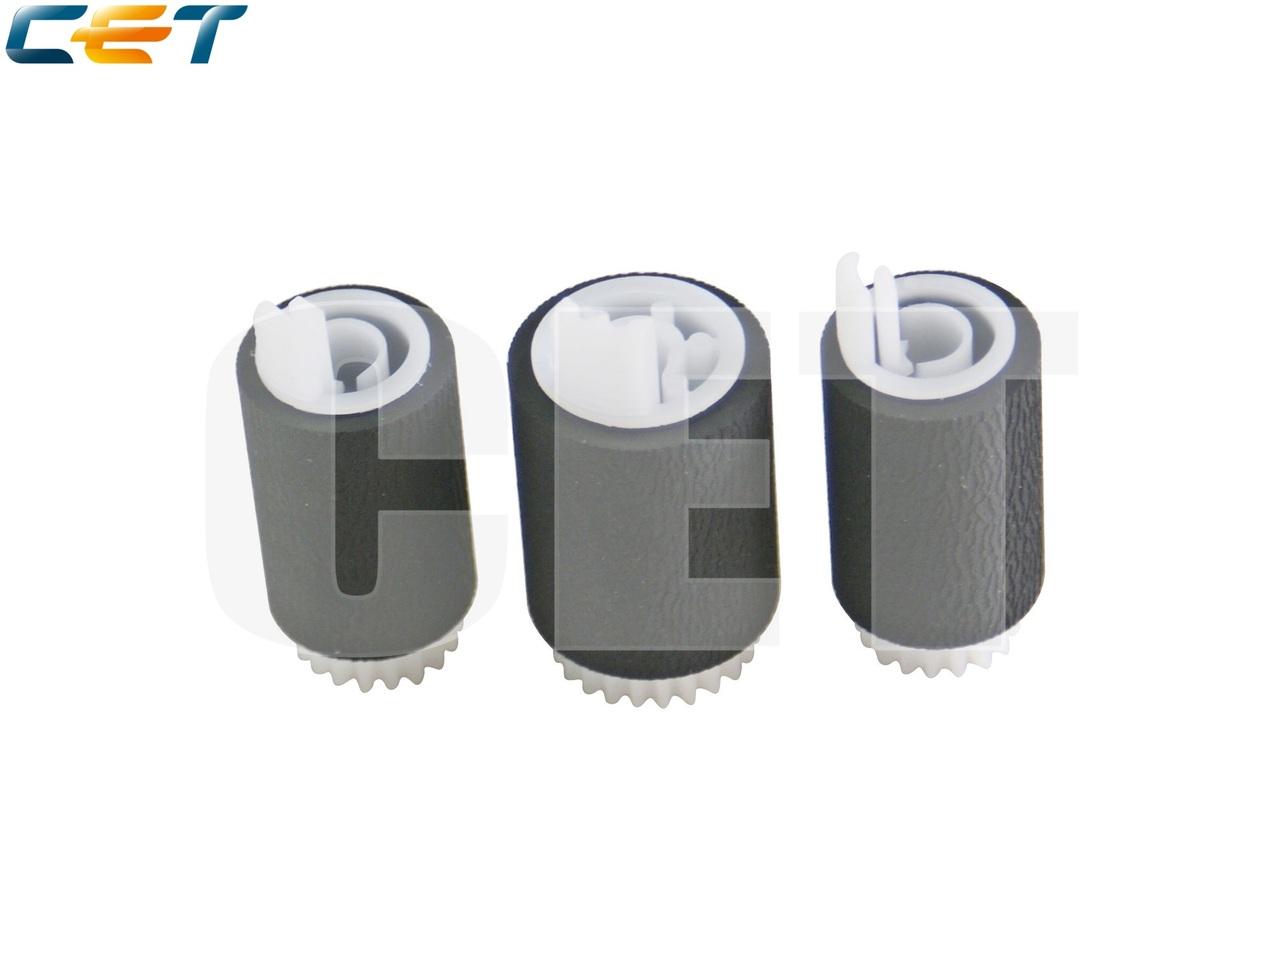 Комплект роликов (Long Life) FF5-4552-020 (2 шт.),FF5-4634-020 (1 шт.) для CANON iR2200/2800/3300/3320 (CET),CET5167